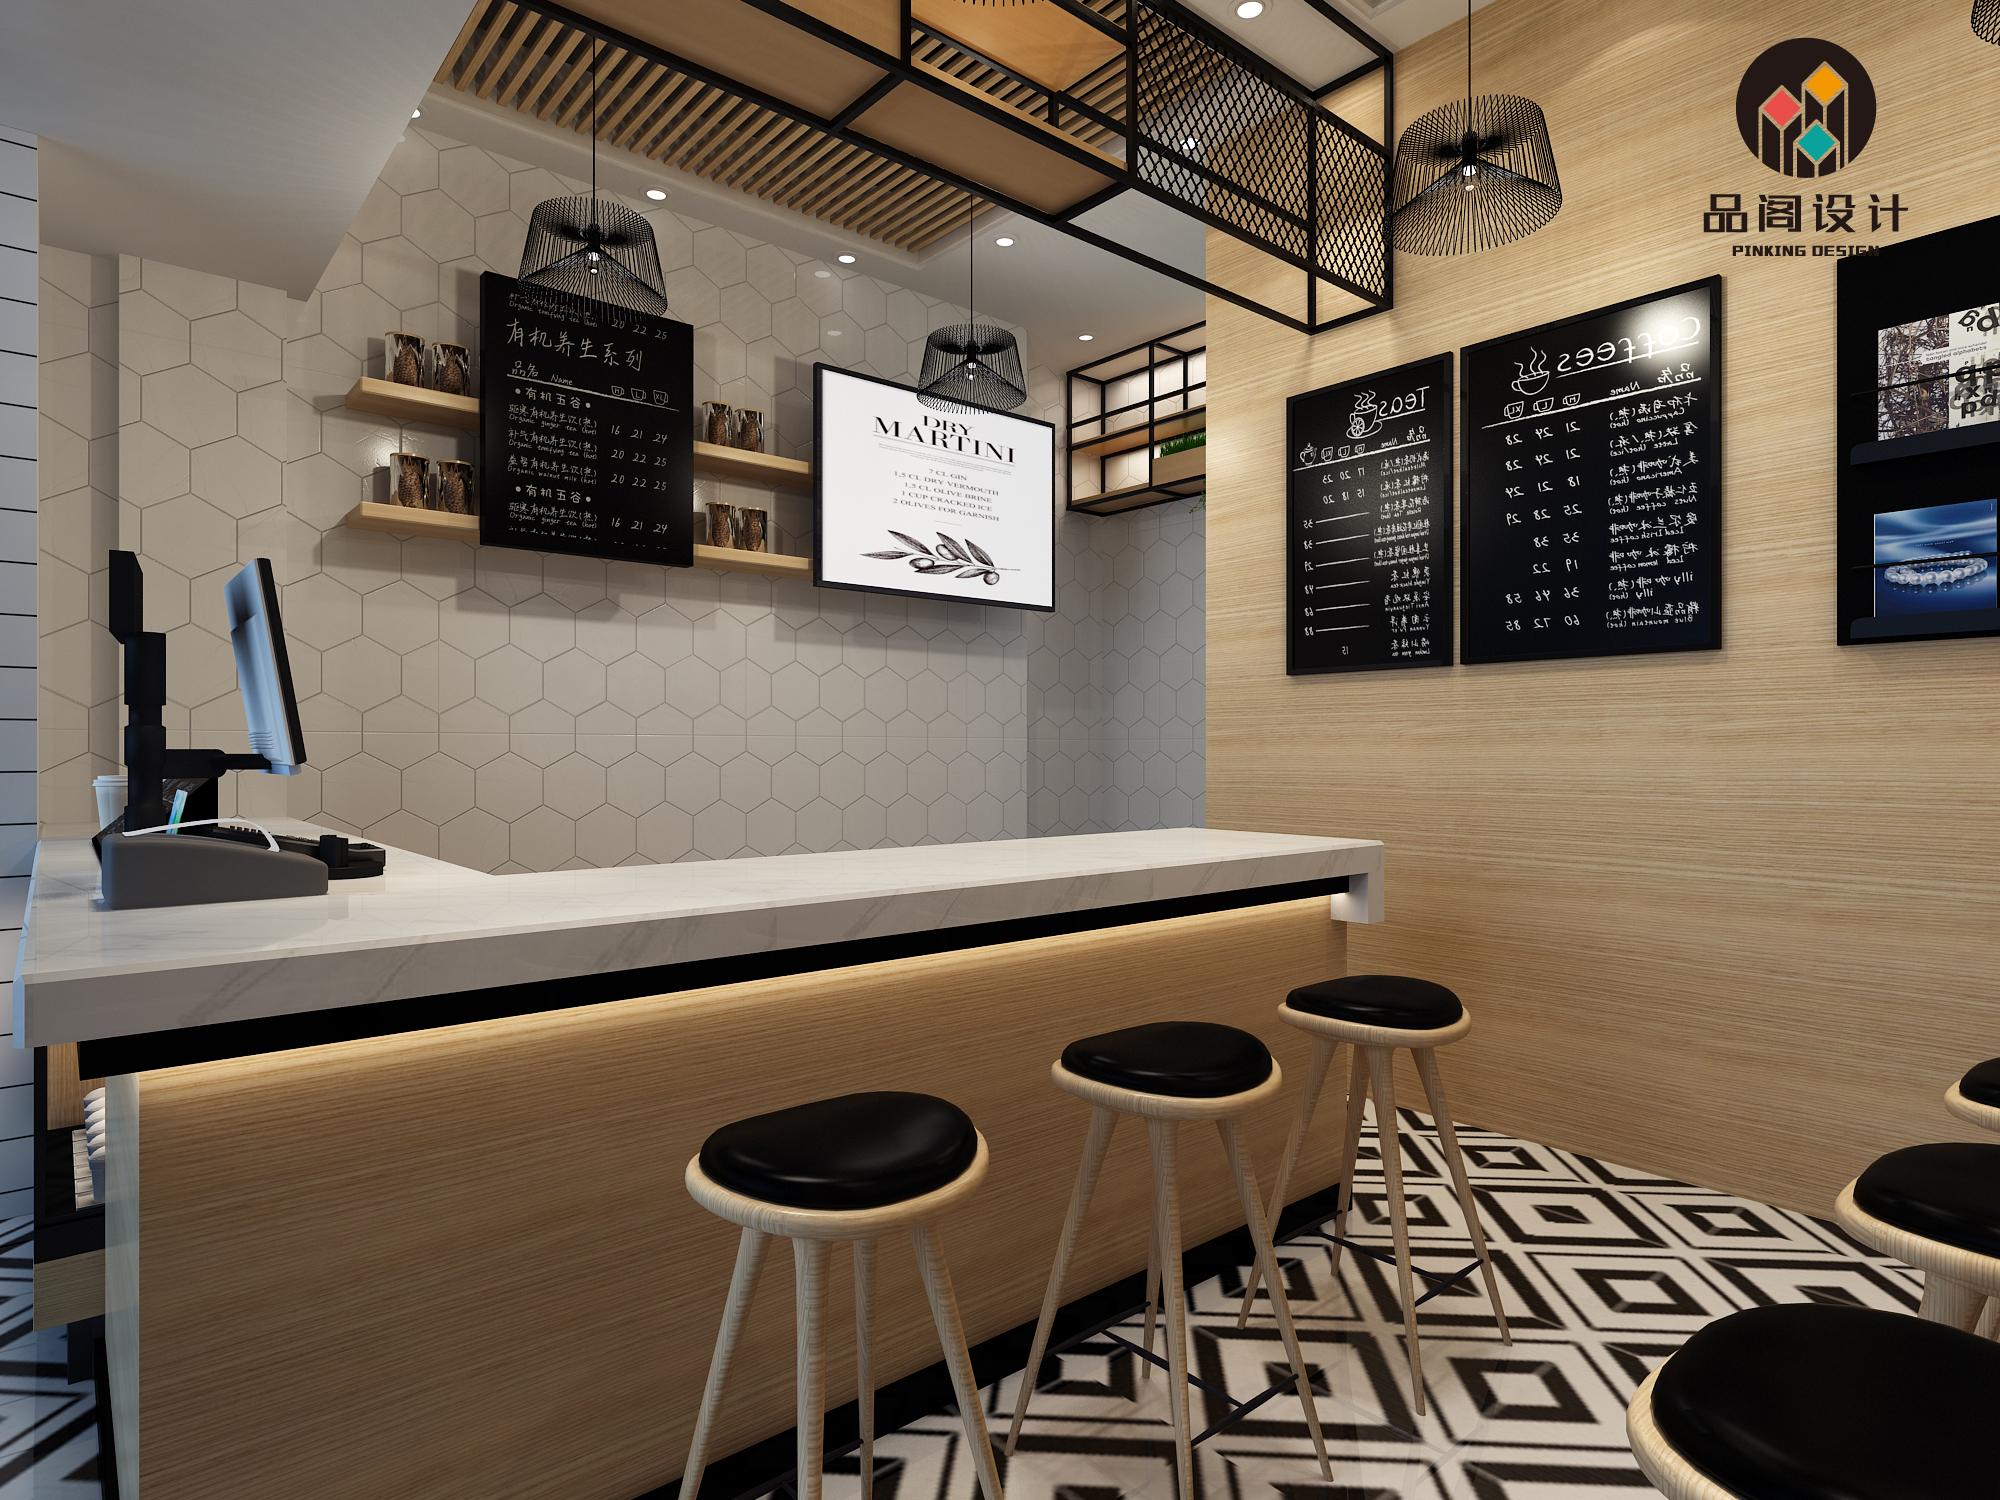 奶茶甜品店铺设计 装修设计效果图室内门店设计